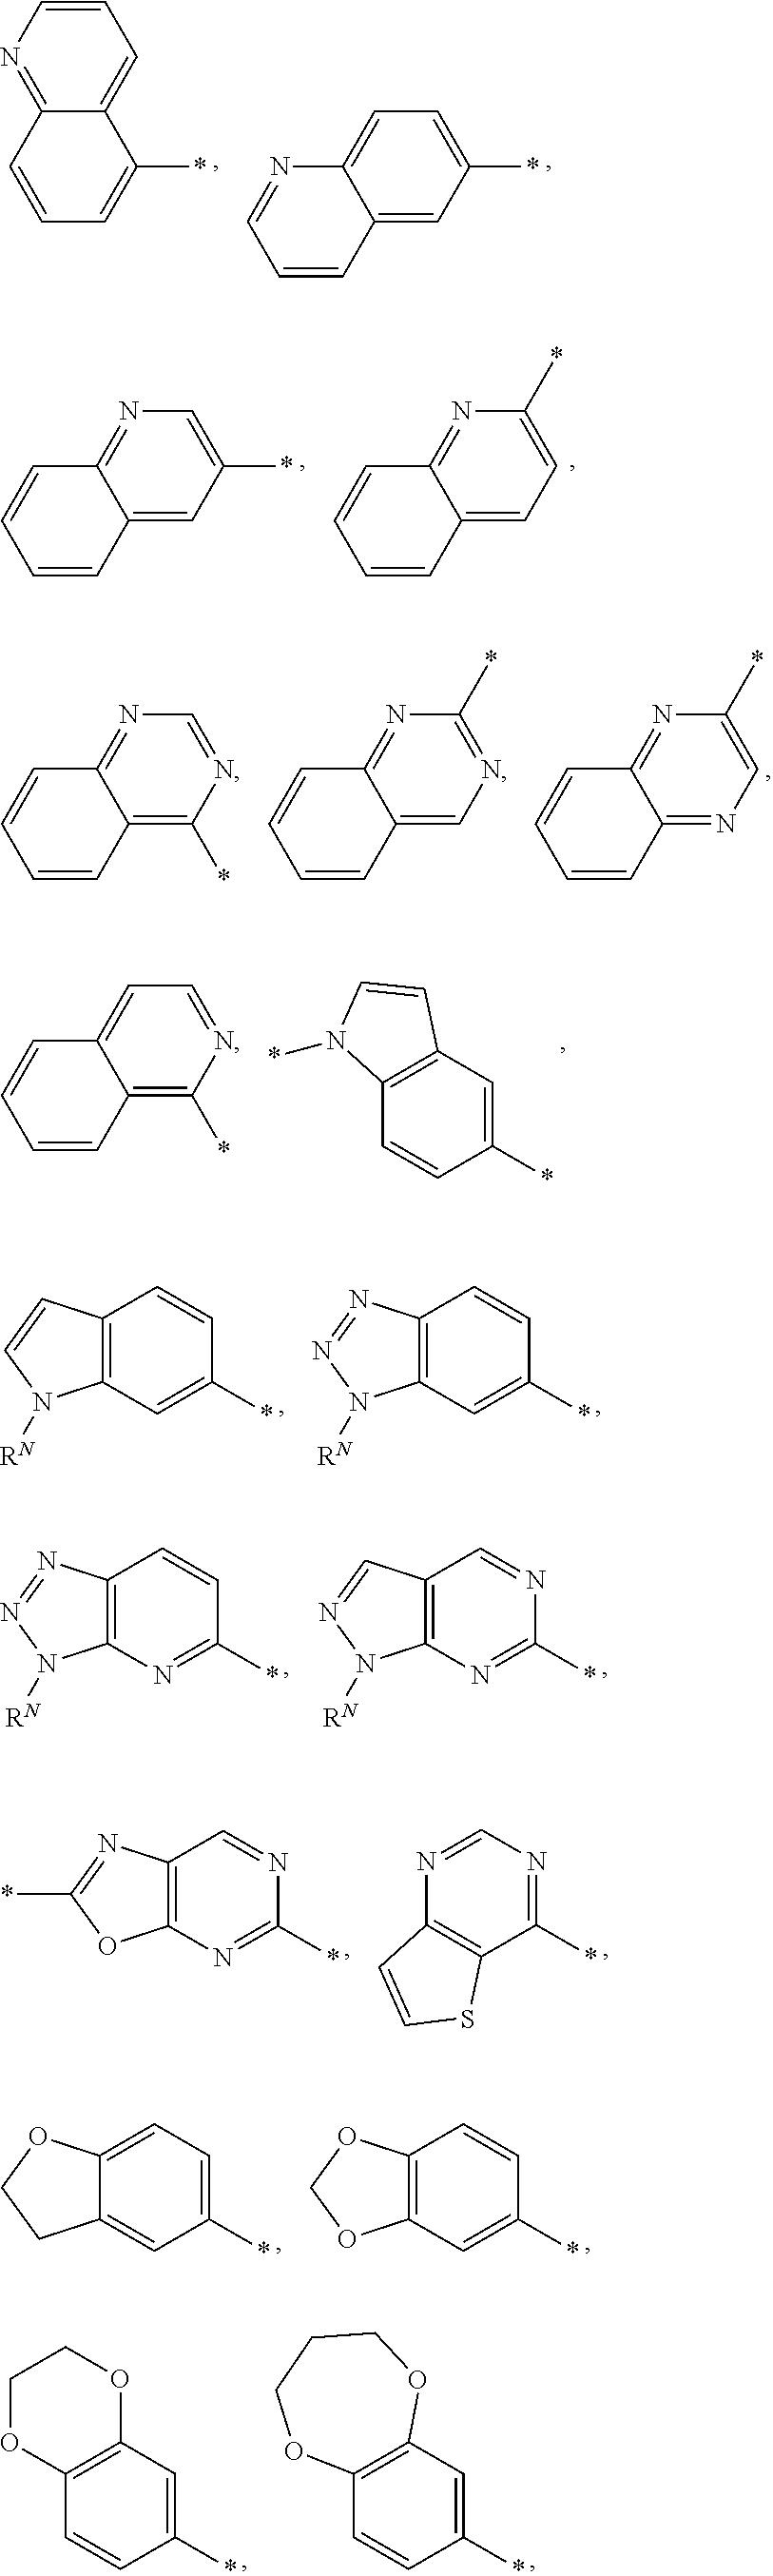 Figure US08835472-20140916-C00004